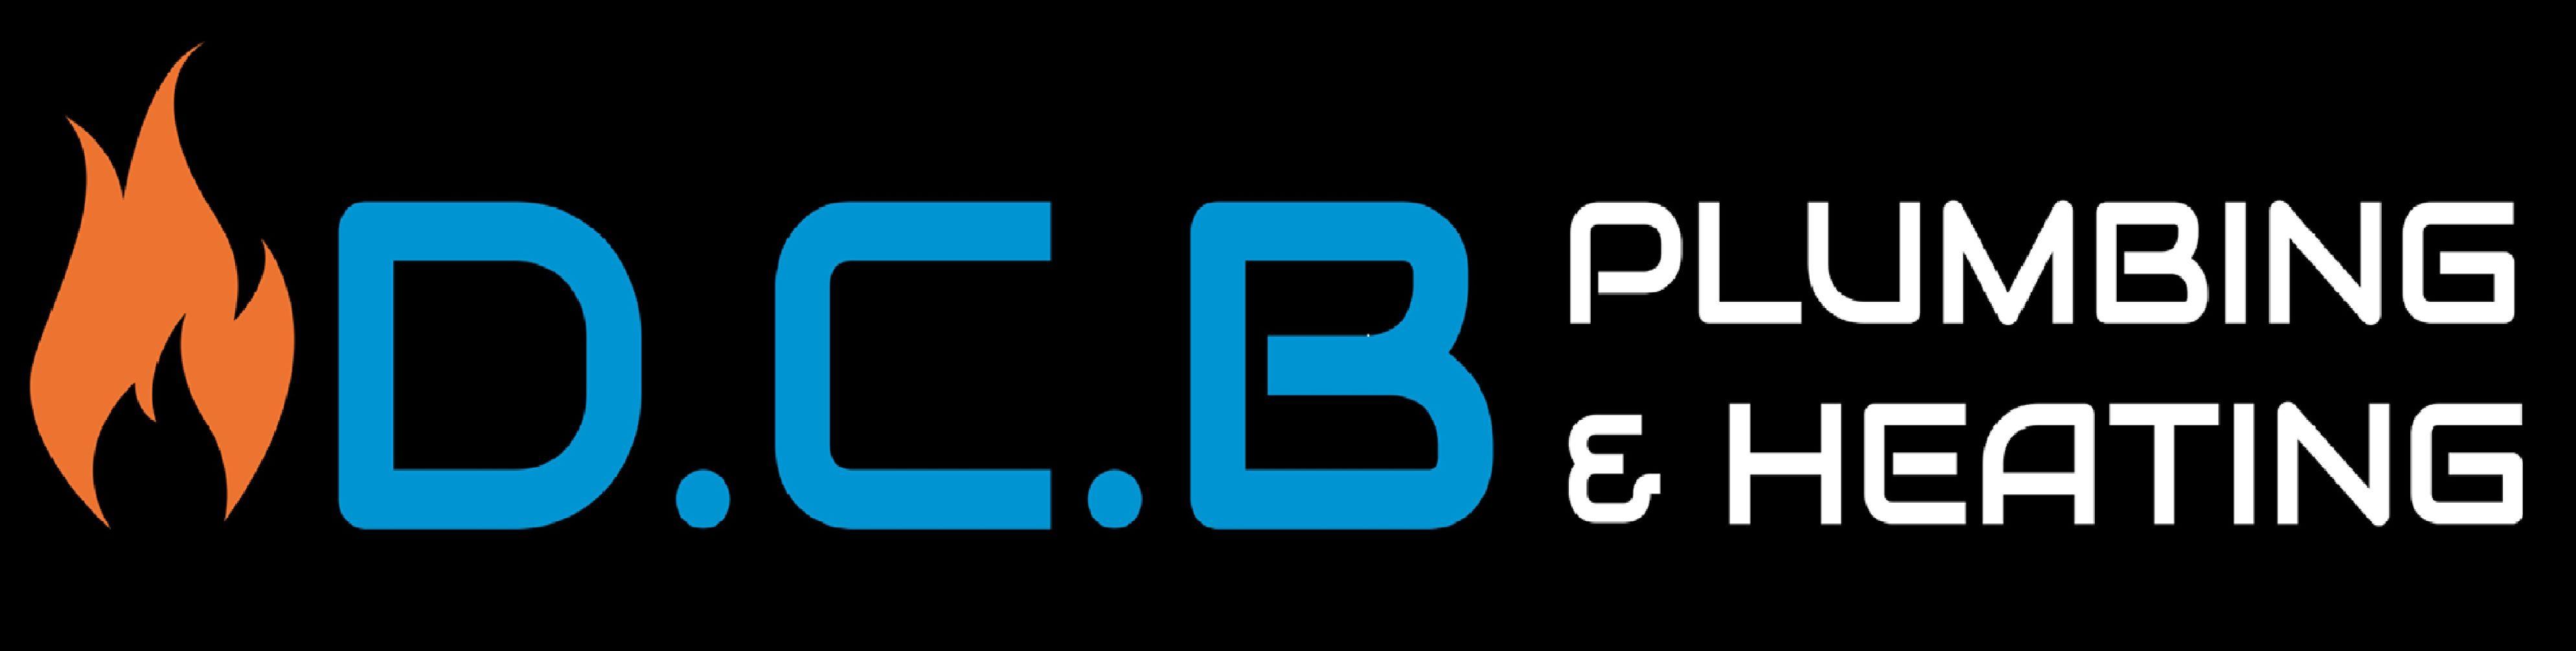 DCB Plumbing & Heating Verified Logo